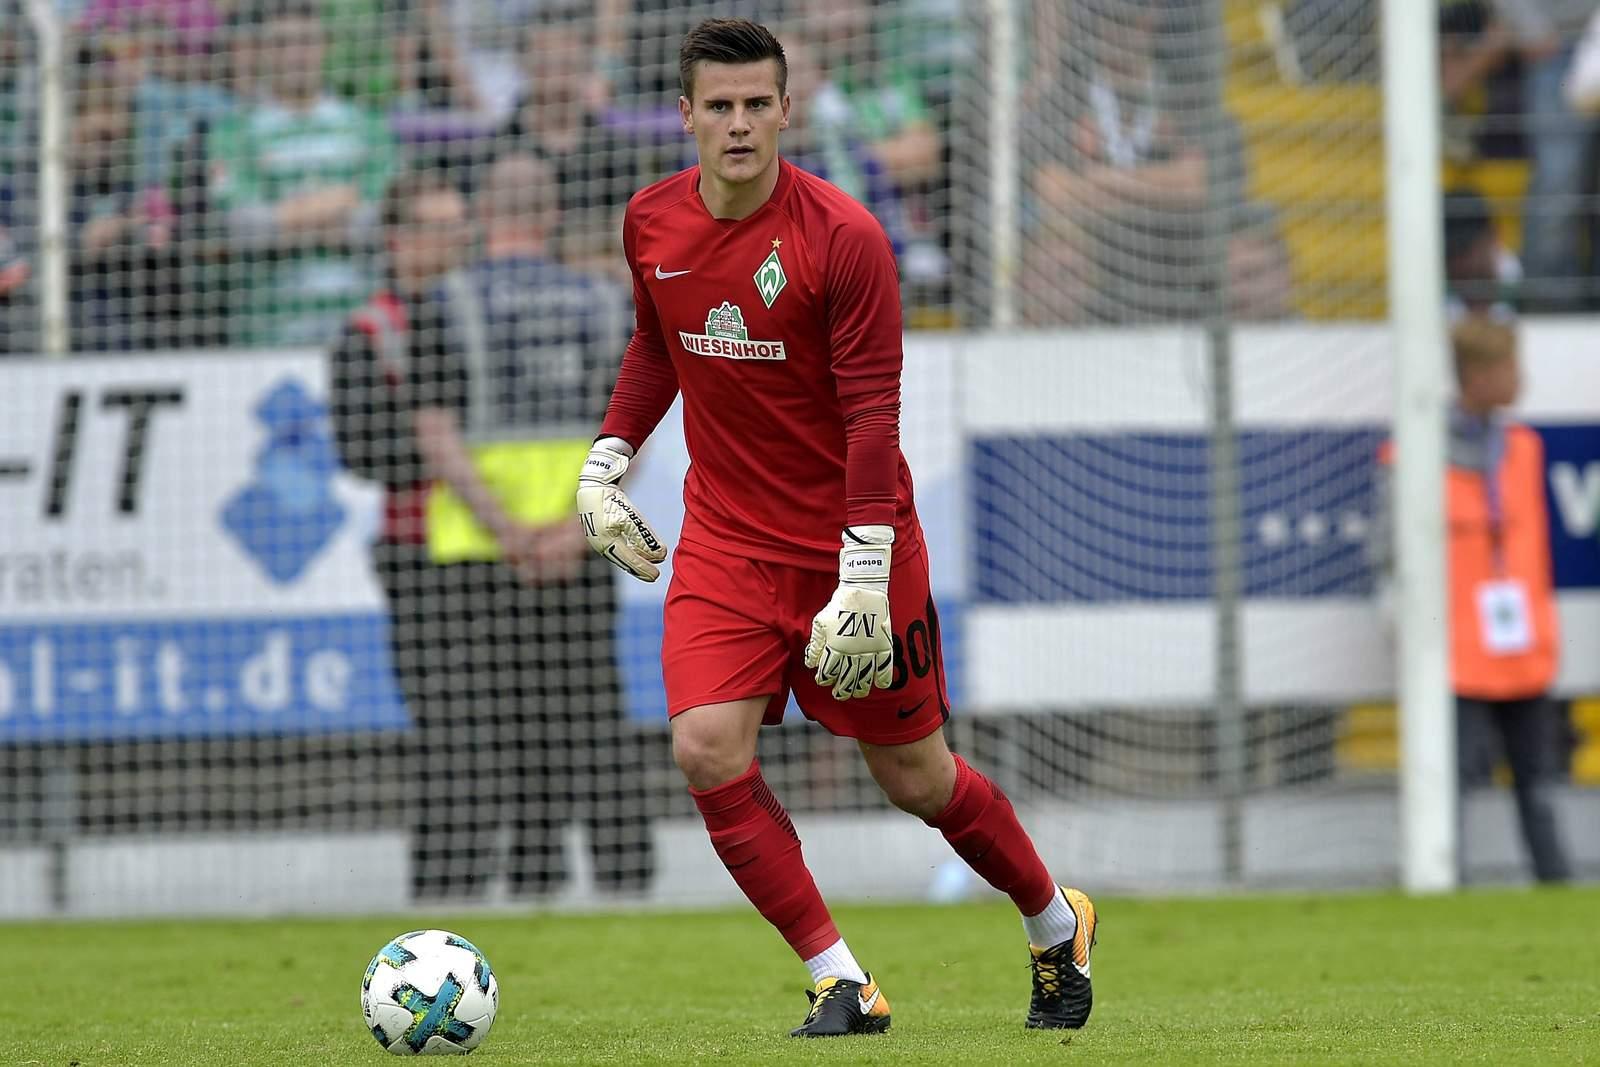 Michael Zetterer von der U23 von Werder Bremen